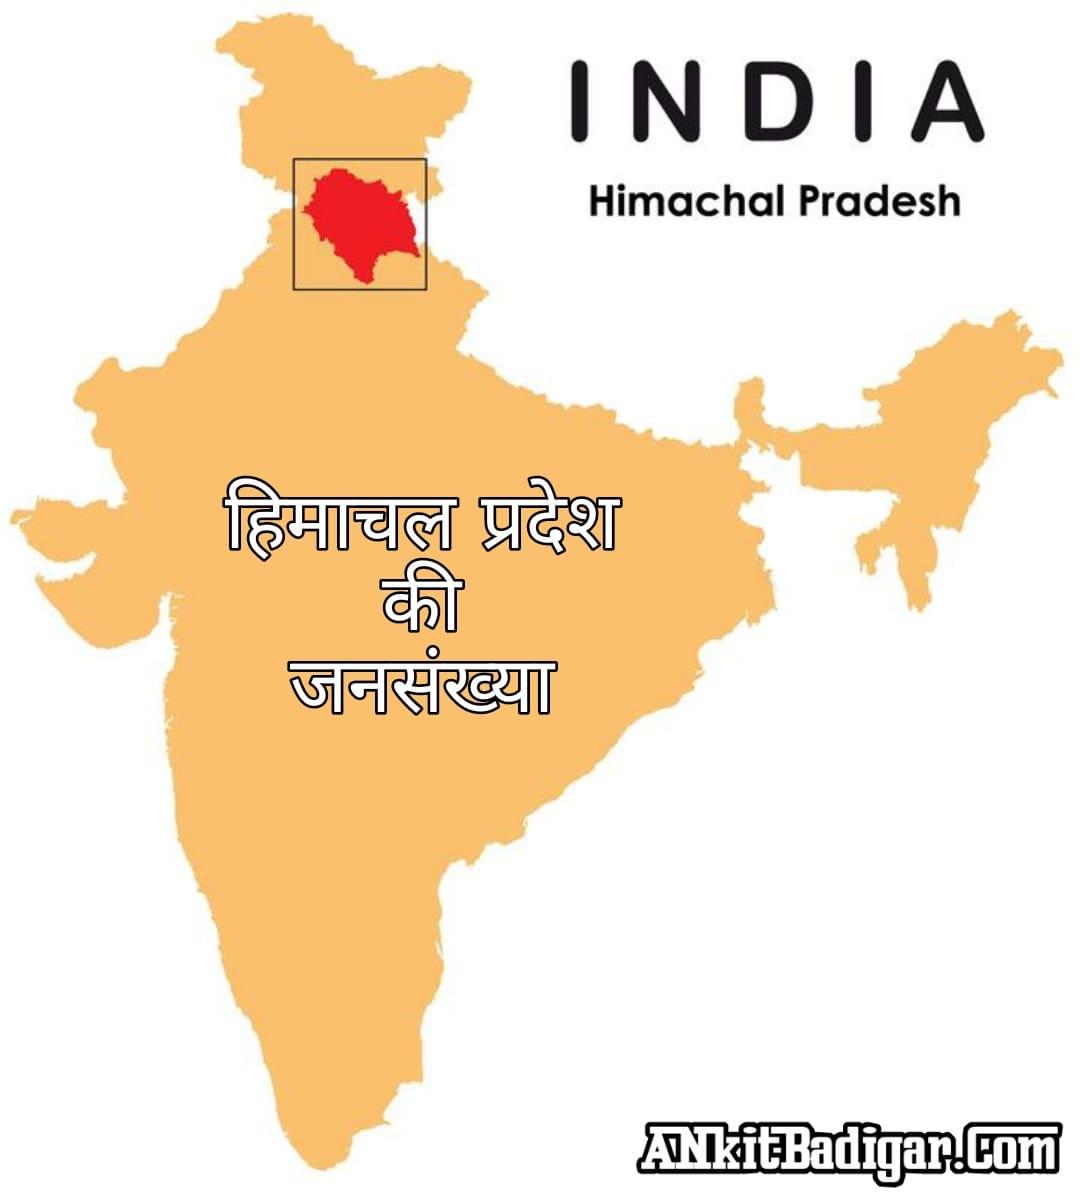 Himachal pradesh Ki Jansankhya kitni hai